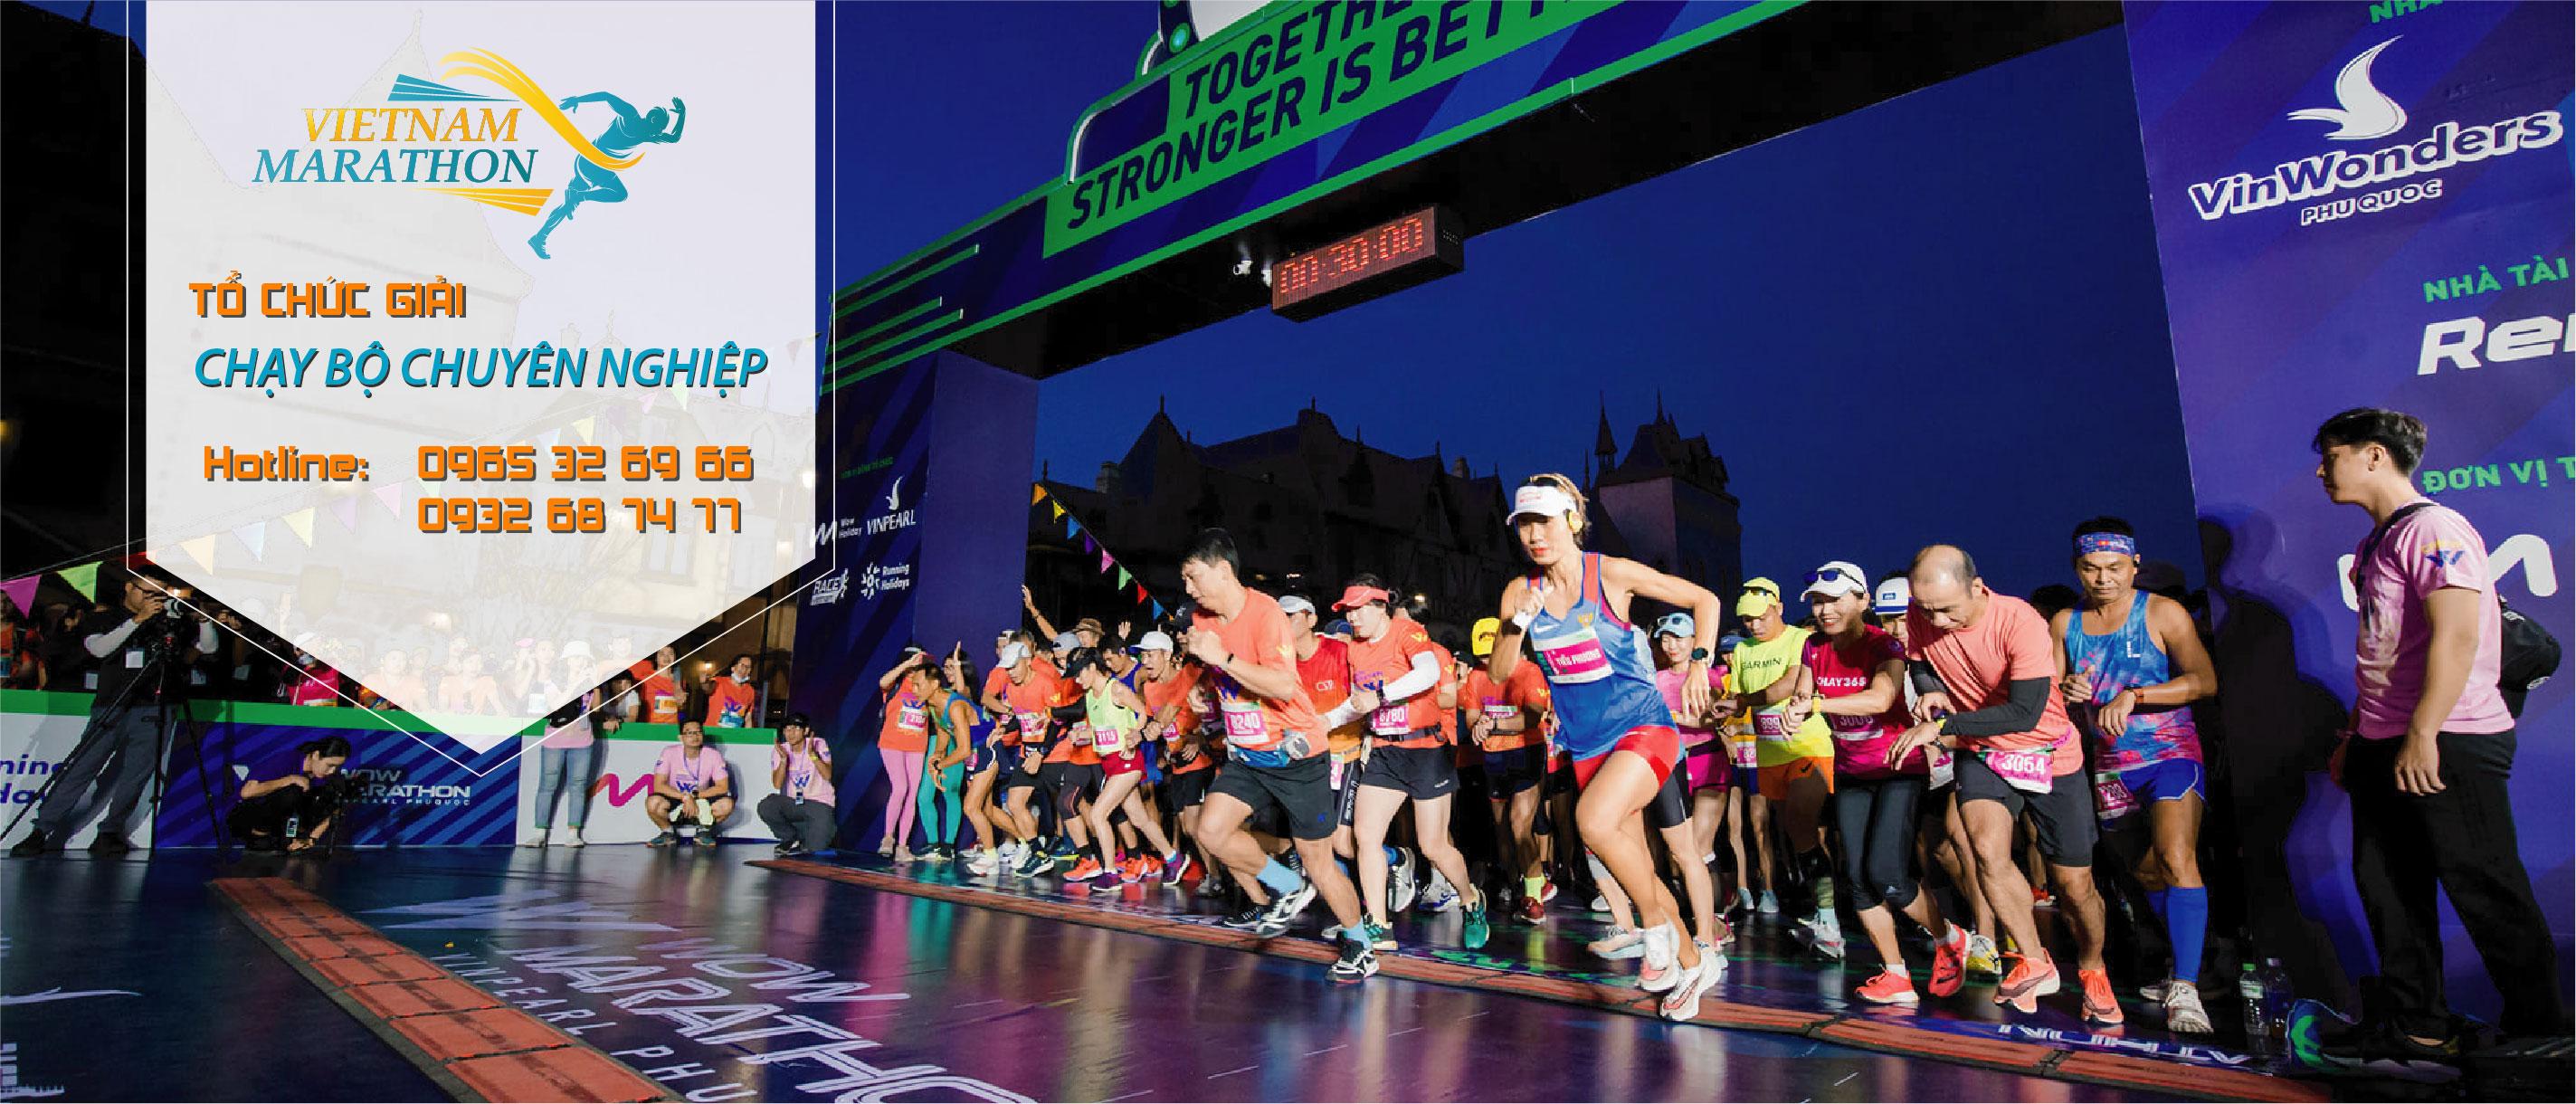 Tổ chức giải chạy bộ marathon